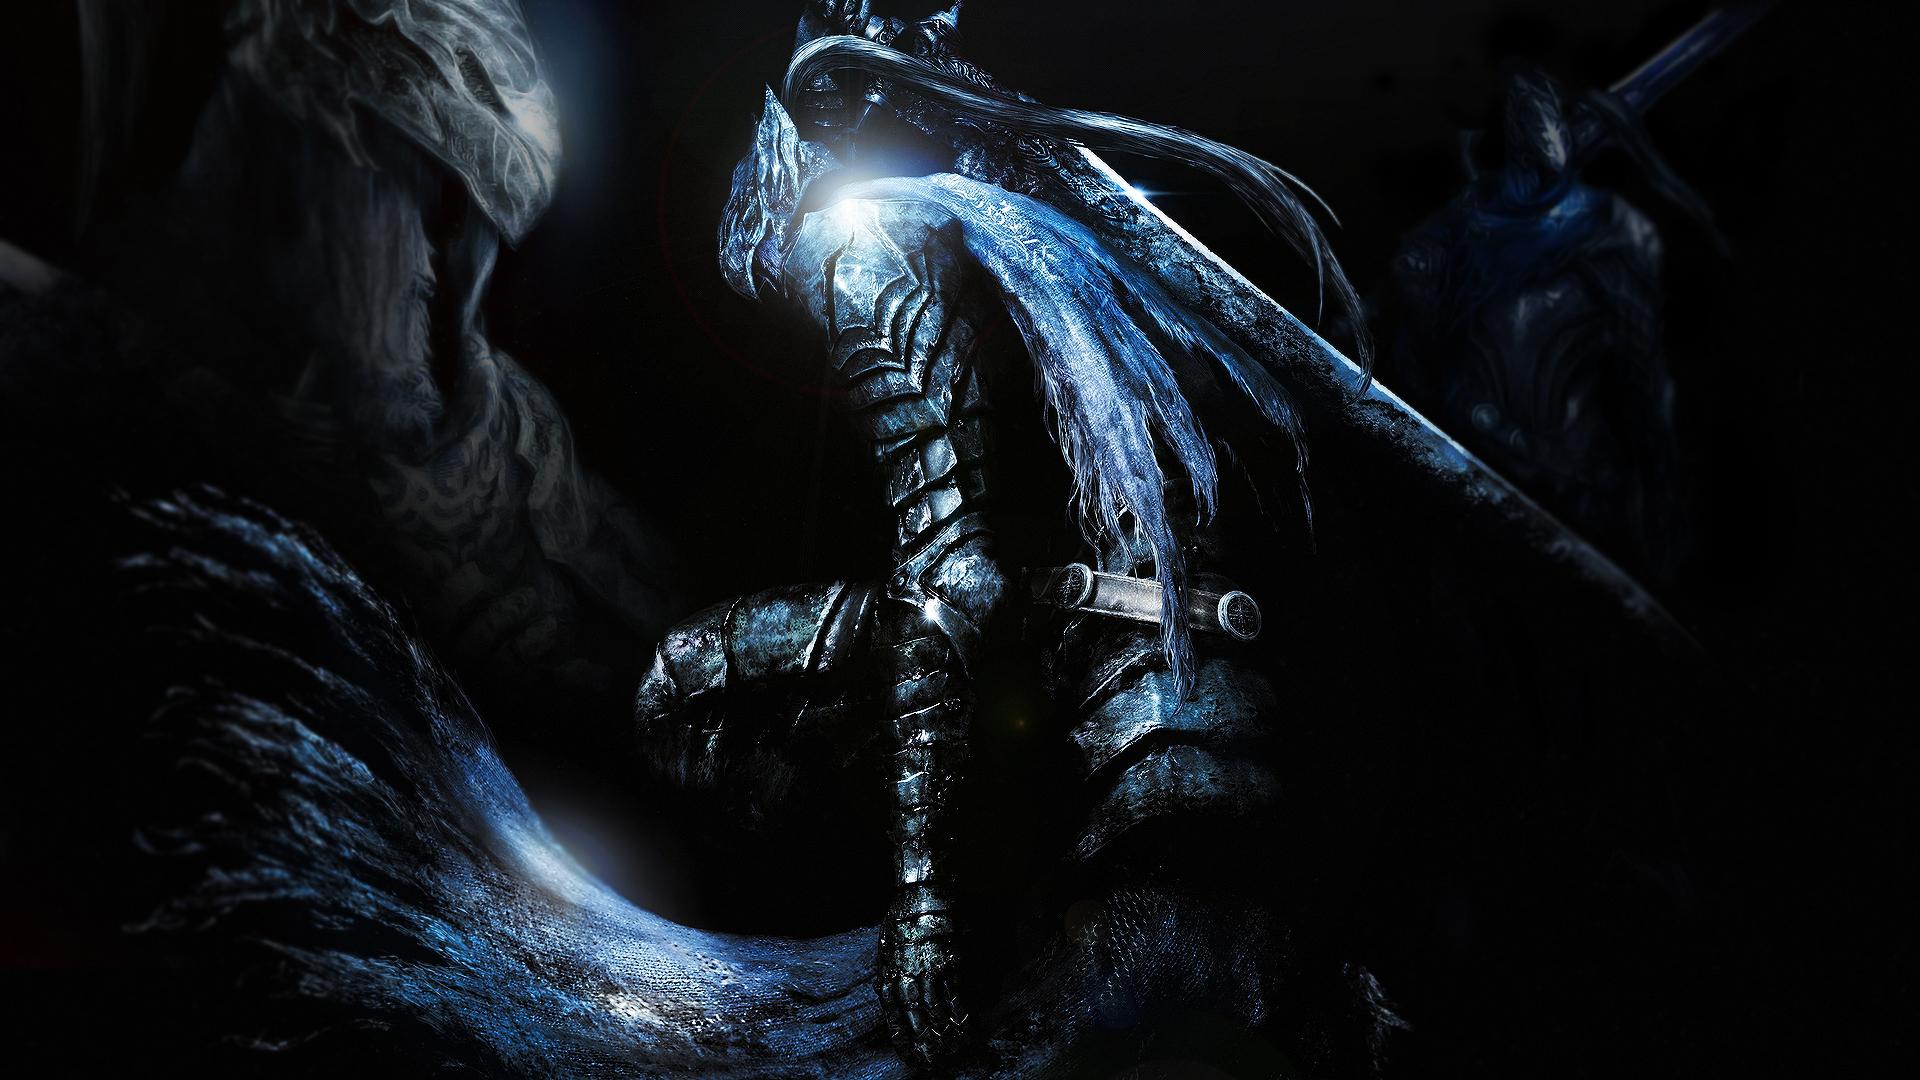 Artwork Dark Souls Ii Wallpaper: Dark Souls Artorias Wallpaper By Kobaltmaster On DeviantArt